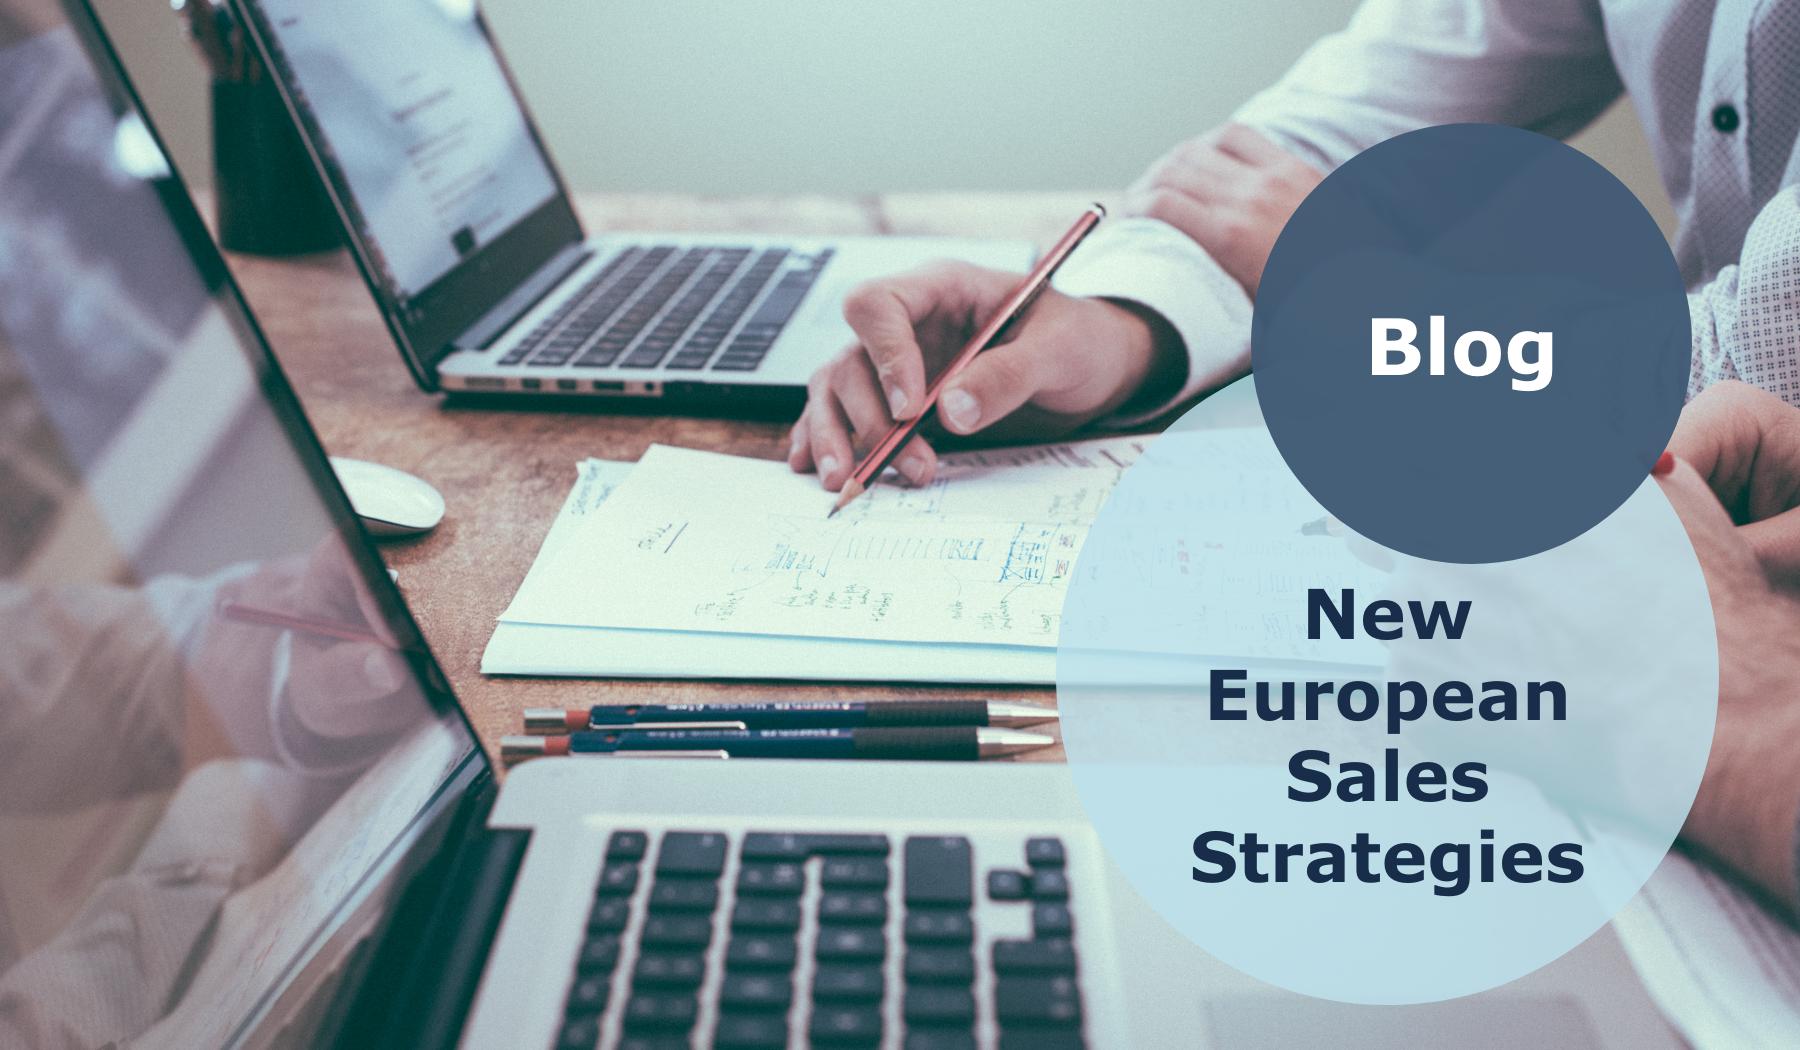 New European sales strategies